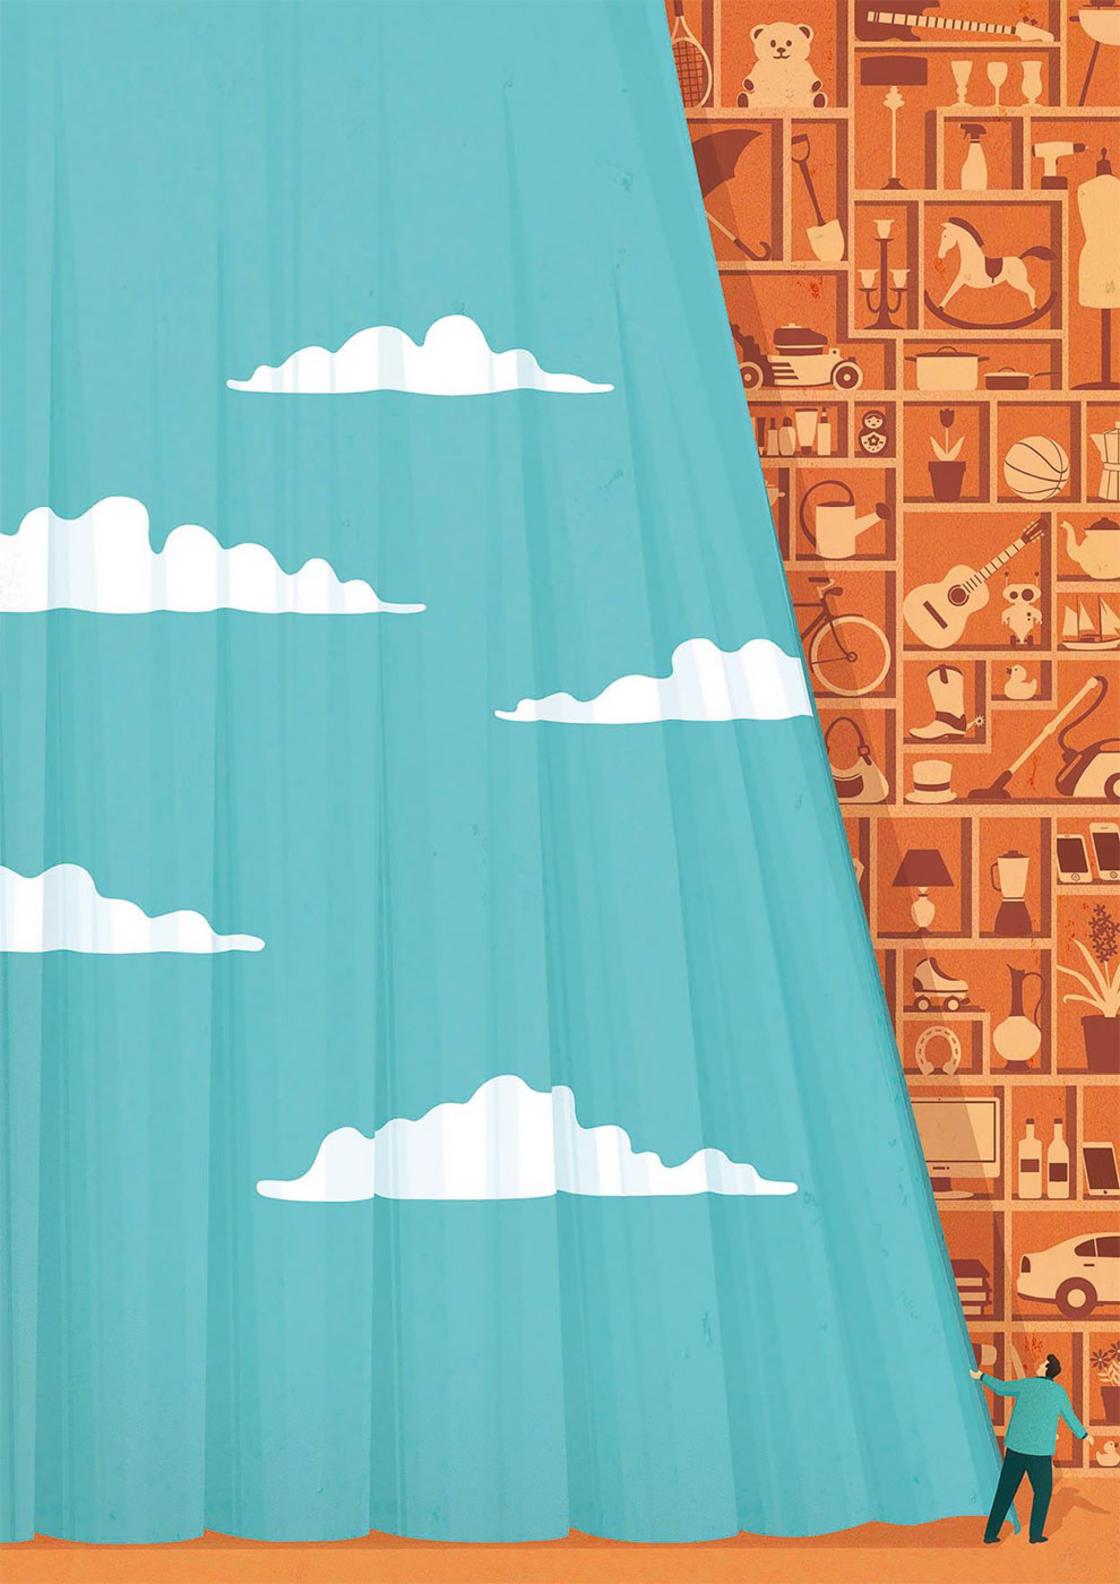 Ces illustrations satiriques offrent un regard honnete sur notre monde